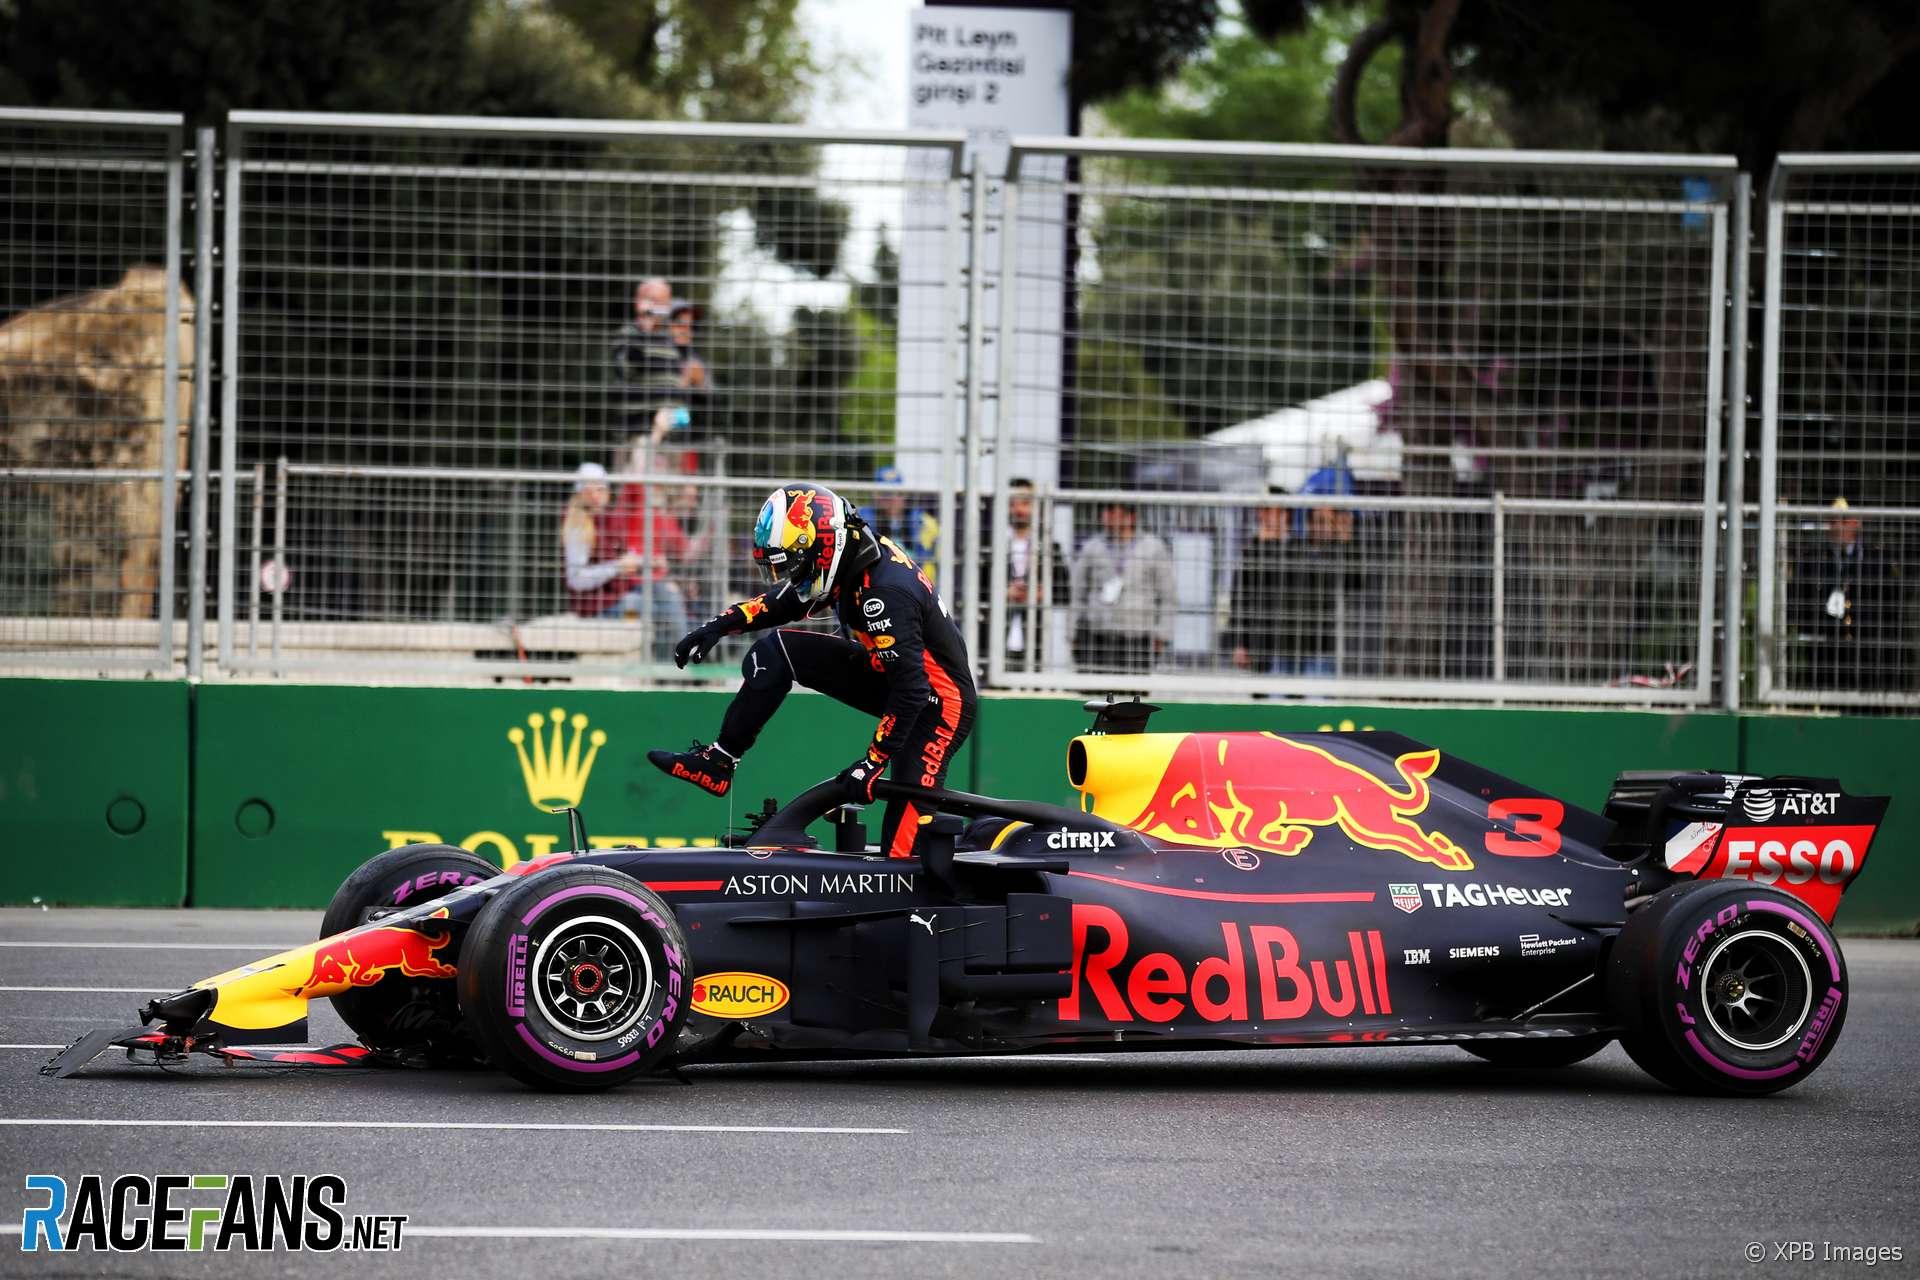 Daniel Ricciardo, Red Bull, Baku City Circuit, 2018